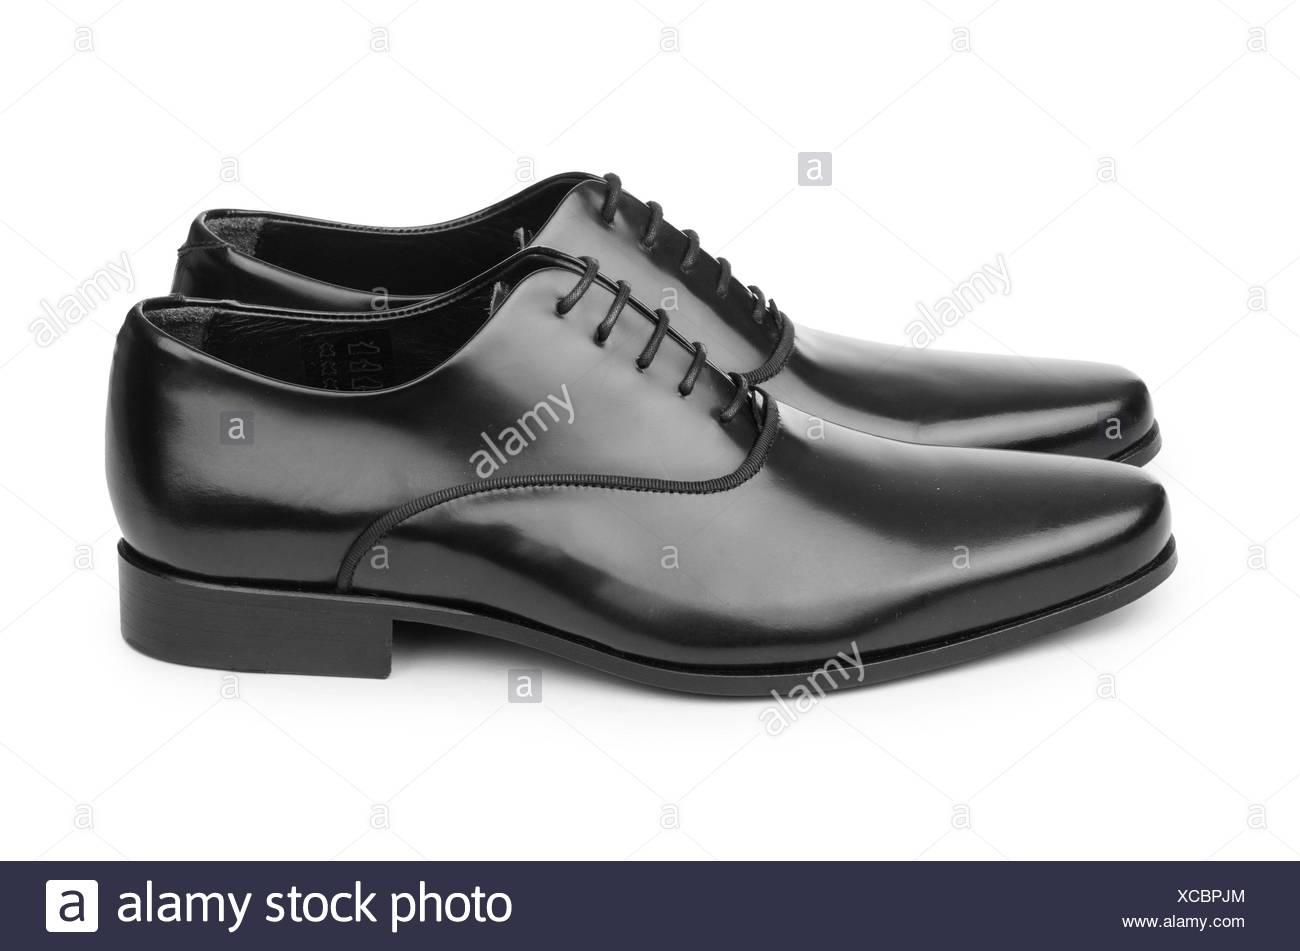 Männliche schwarze Schuhe, isoliert auf weiss Stockfoto, Bild ... c4b34a09c2